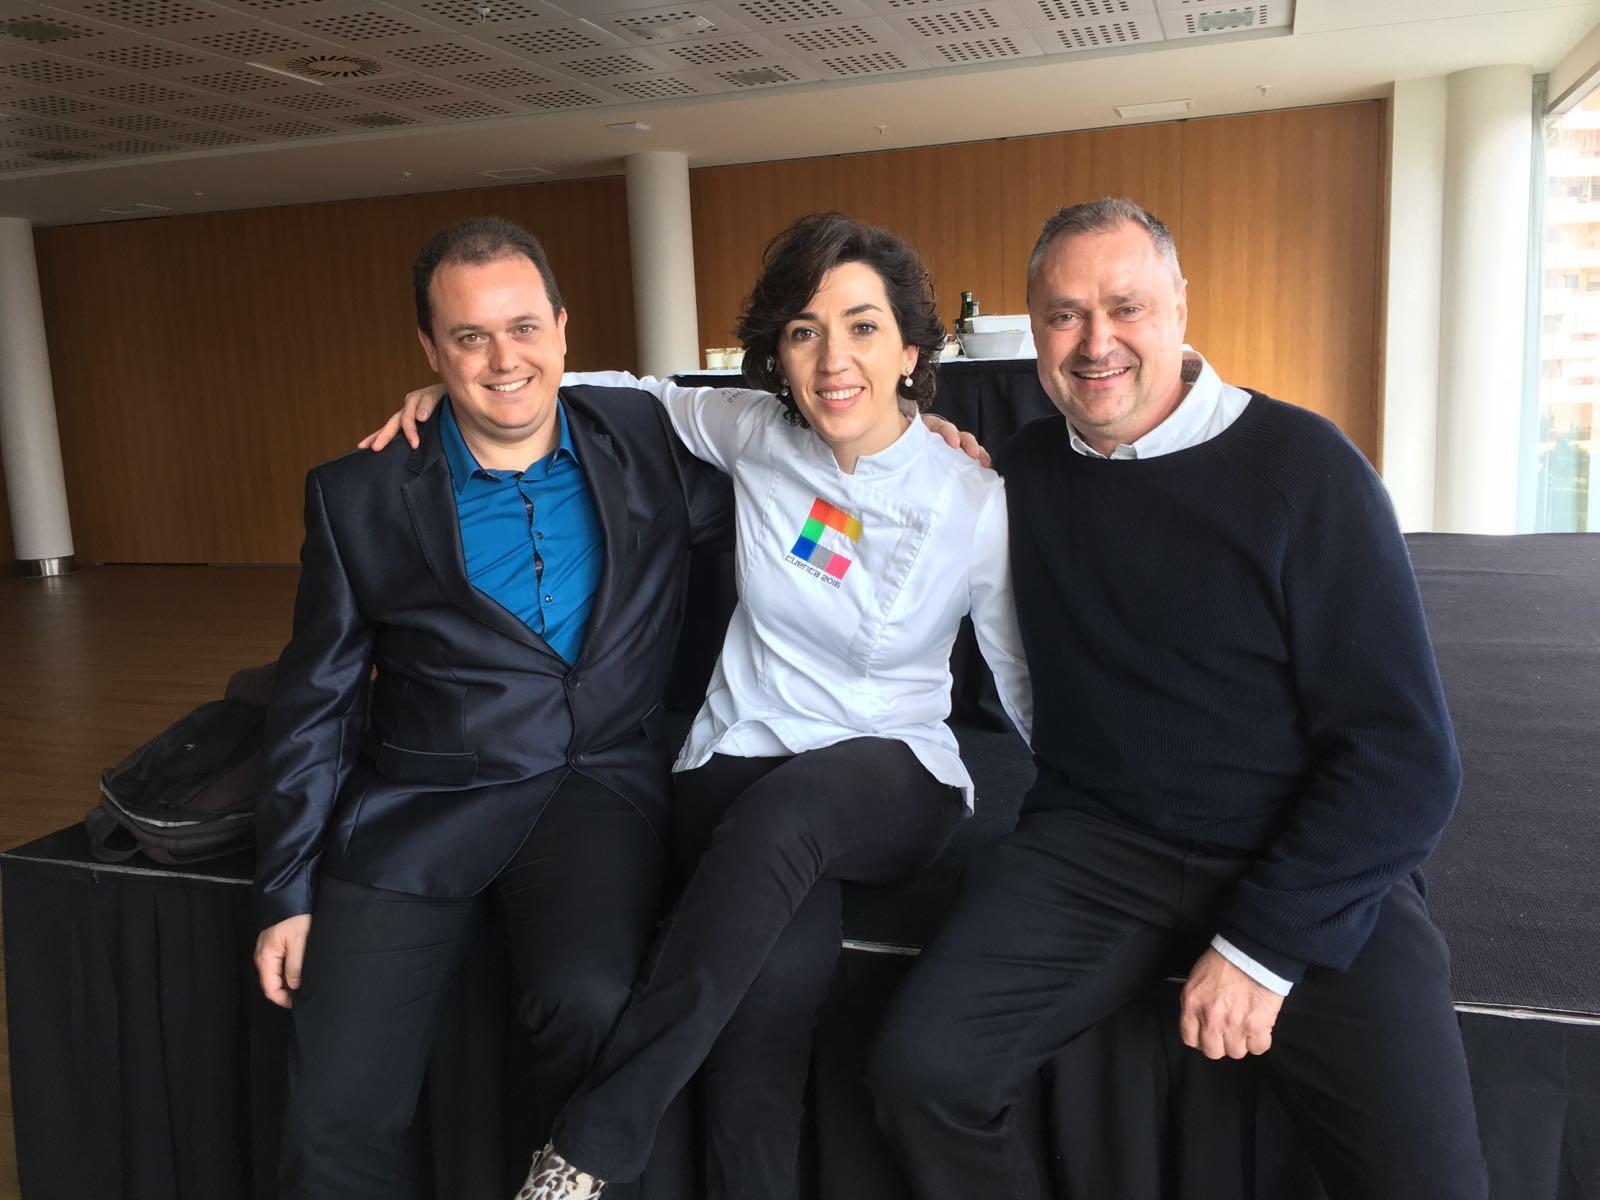 Organisation von A bis I: Workshop CUENCA 2016 für 100 Europäische Residenten aus 12 Ländern in Calpe, Mario Schumacher Blog